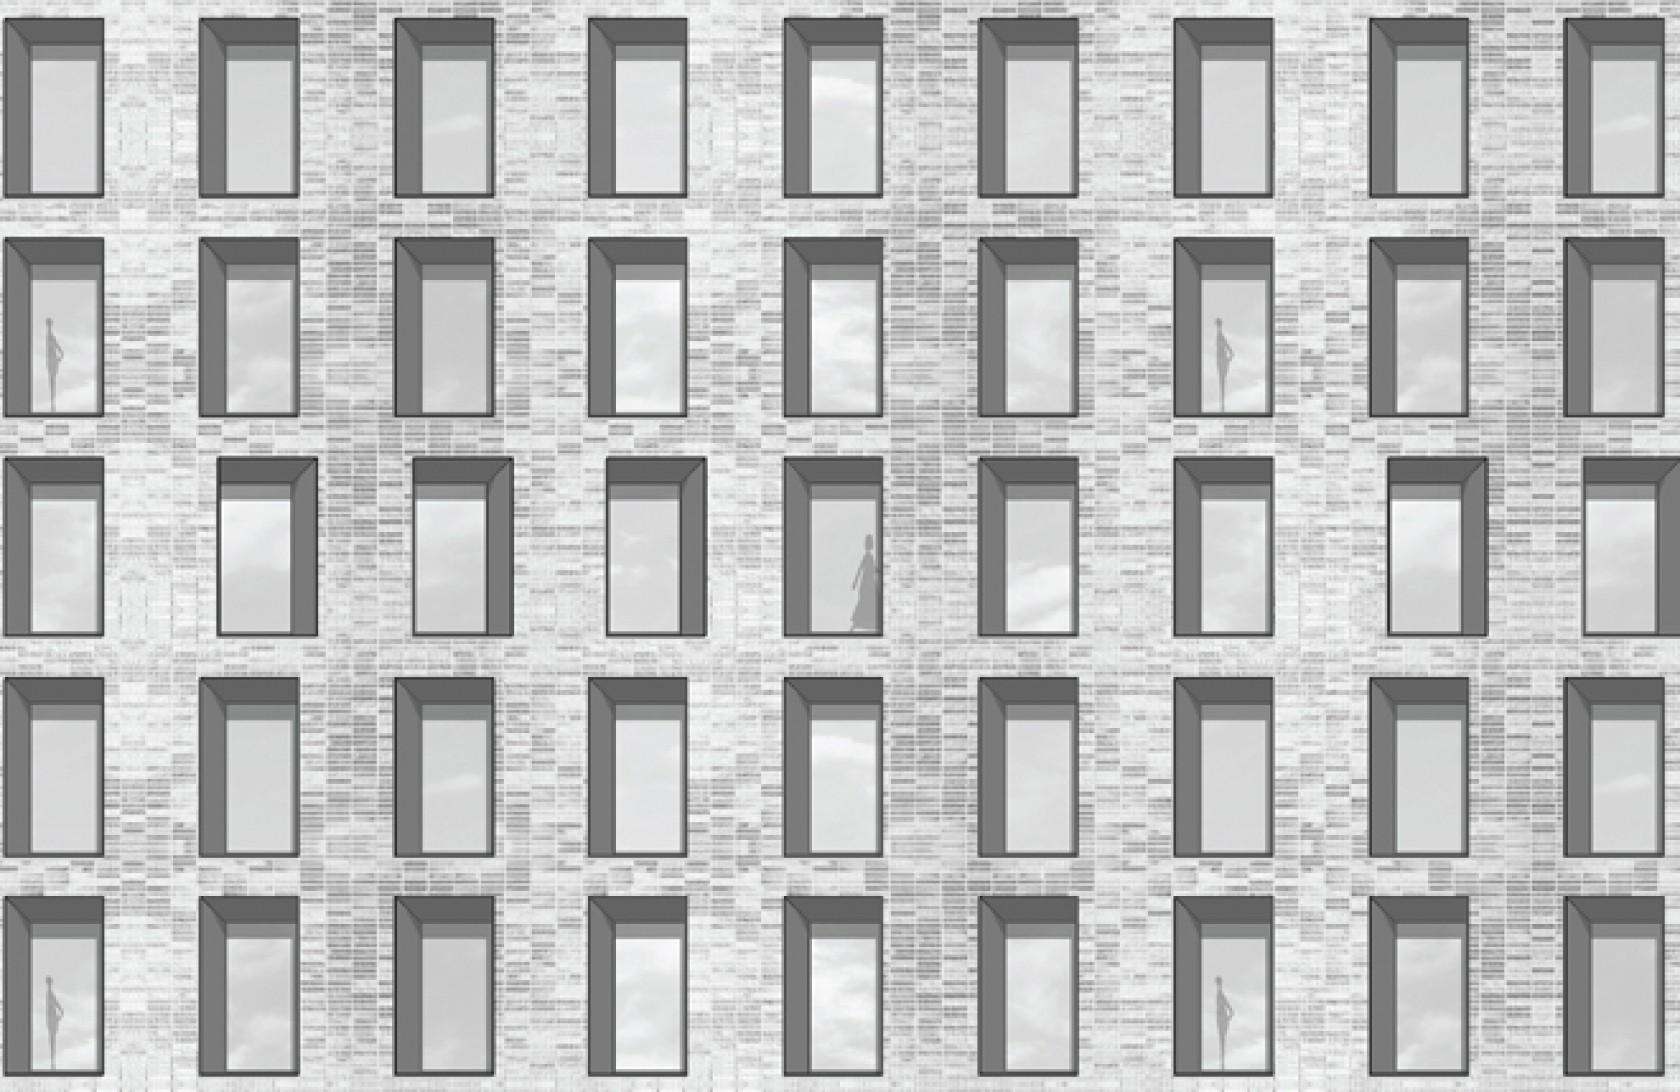 Abscis Architecten - Abscis Architecten ontwerpt het nieuw vaardigheidscentrum anatomie voor de KU Leuven!